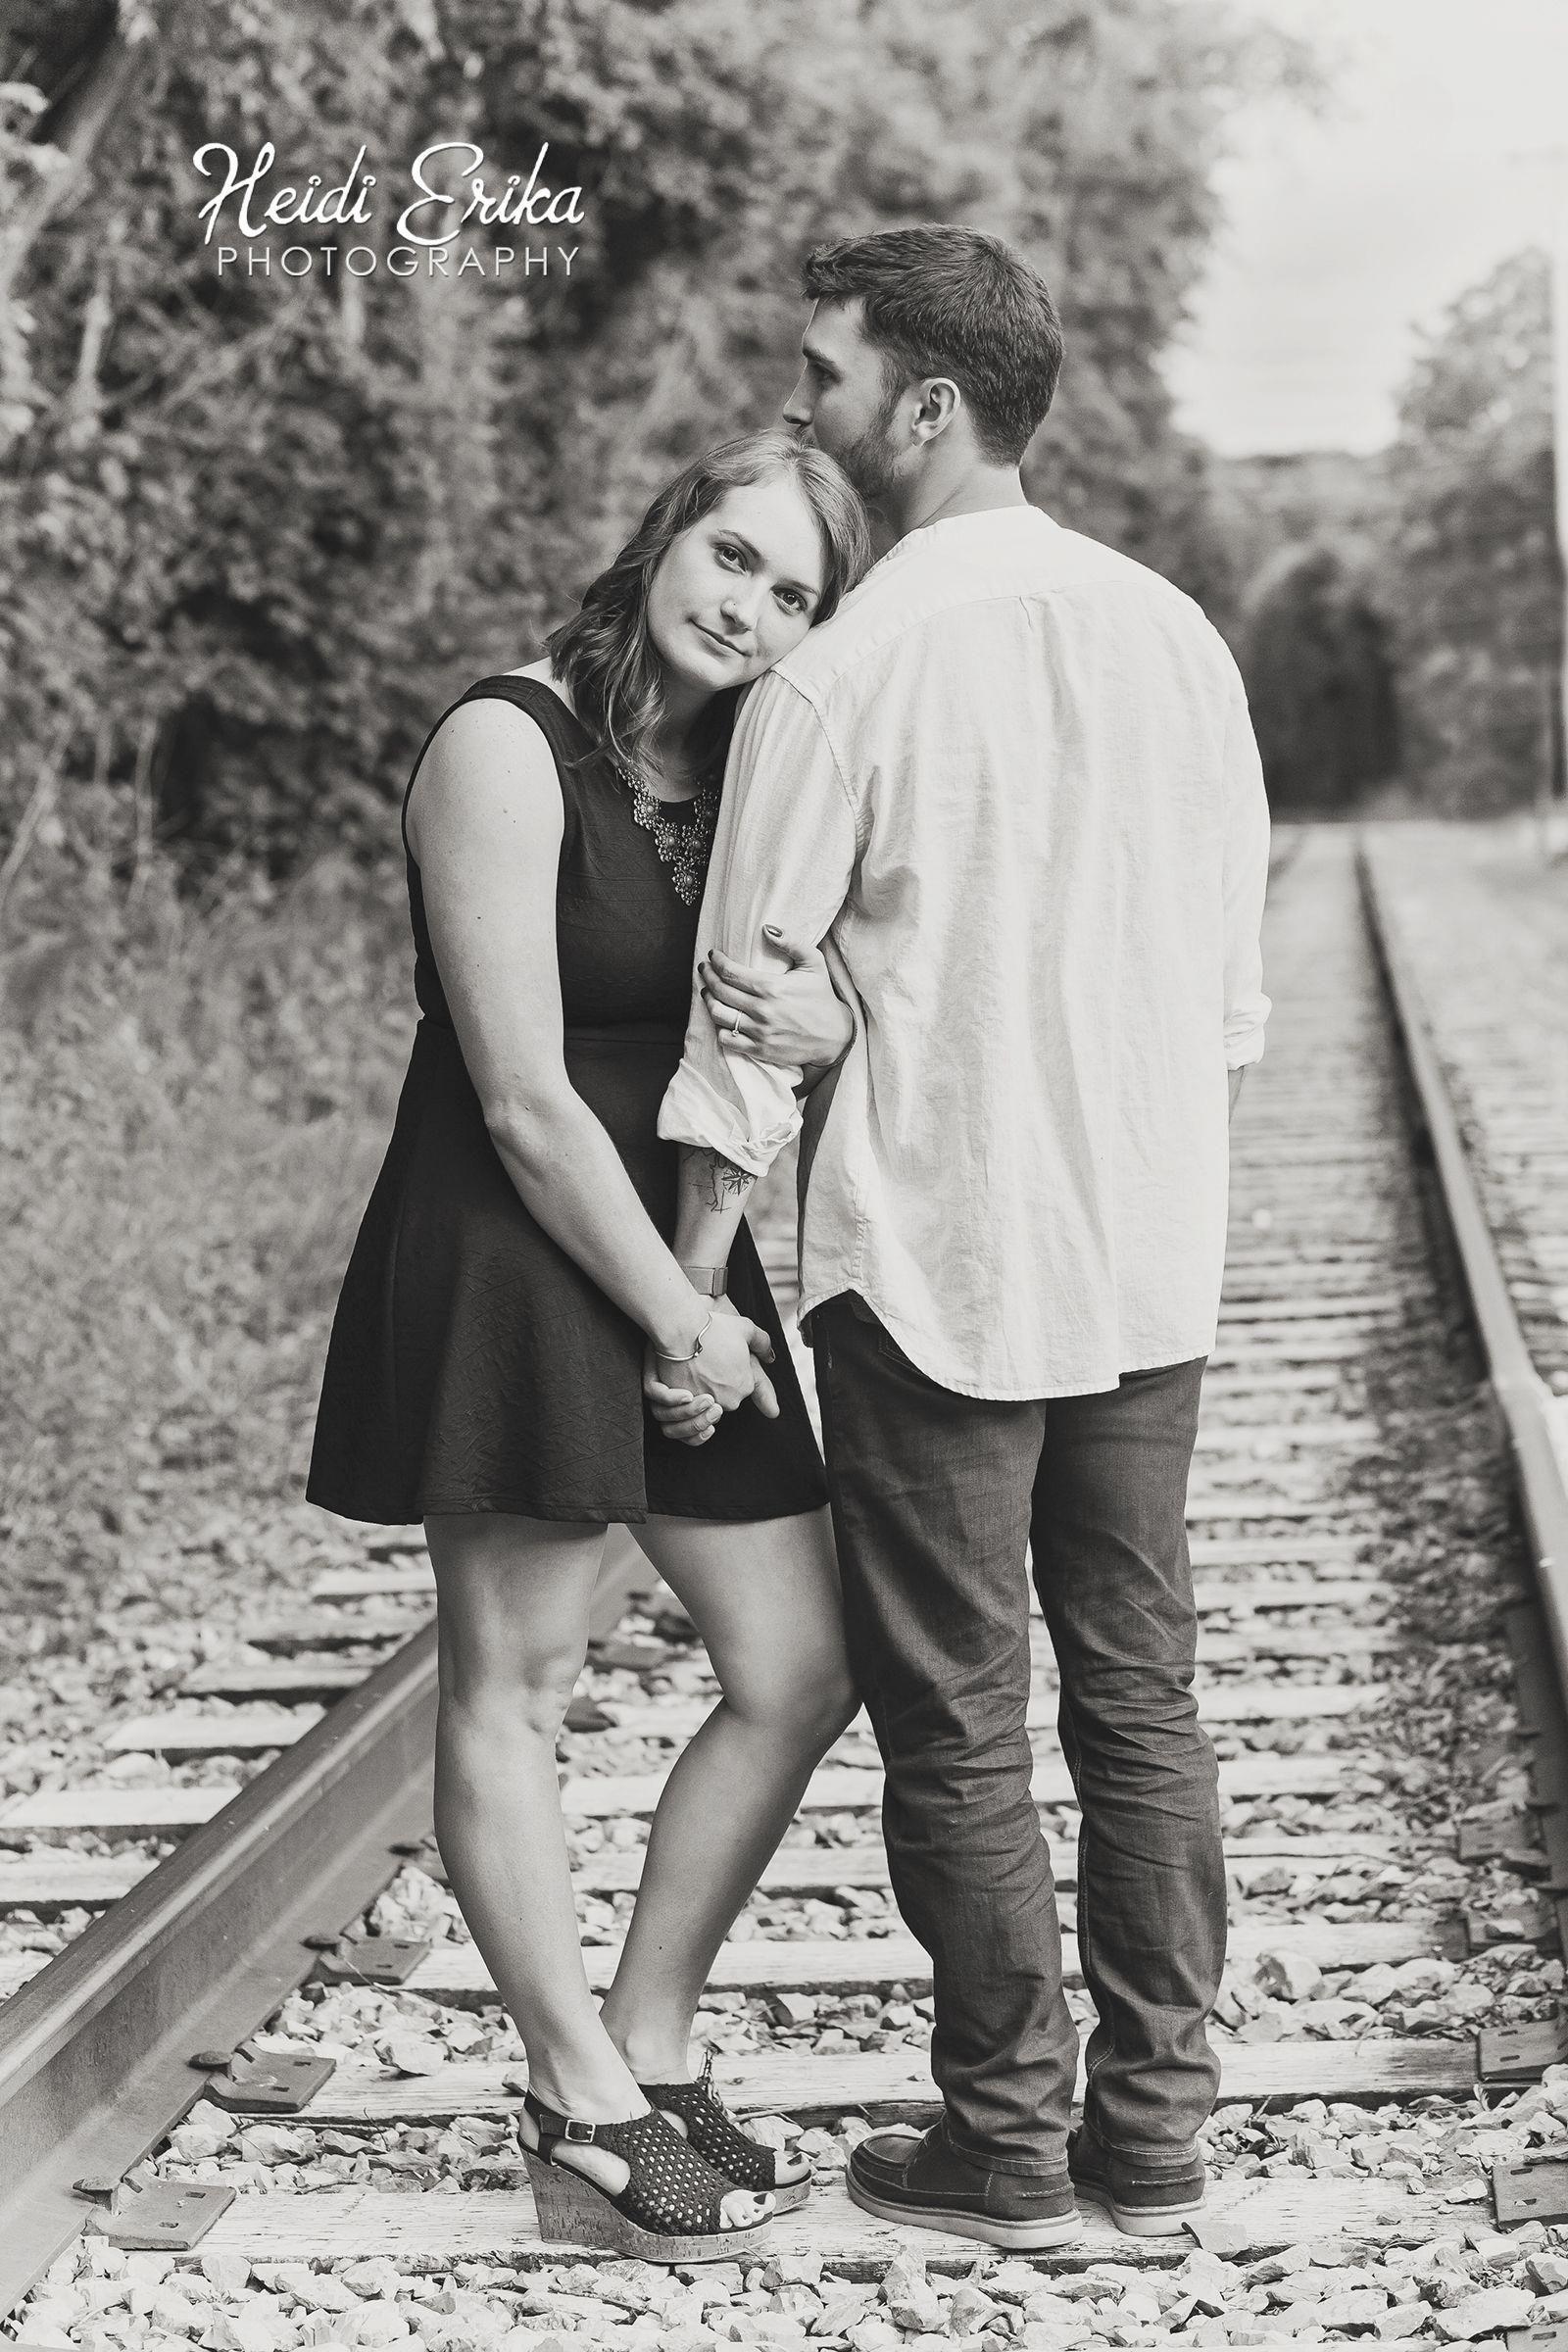 неё правильные позиции для фото пары в поезде этот сорт